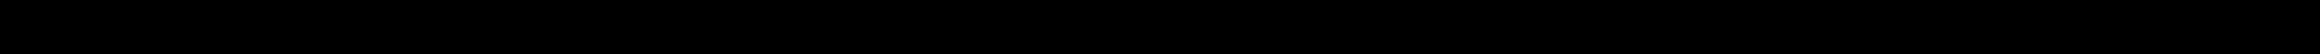 PHILIPS X825 283 480 000, 1-40-772-015, 001 488 00, 11335600, 11335601 Lemputė, prožektorius